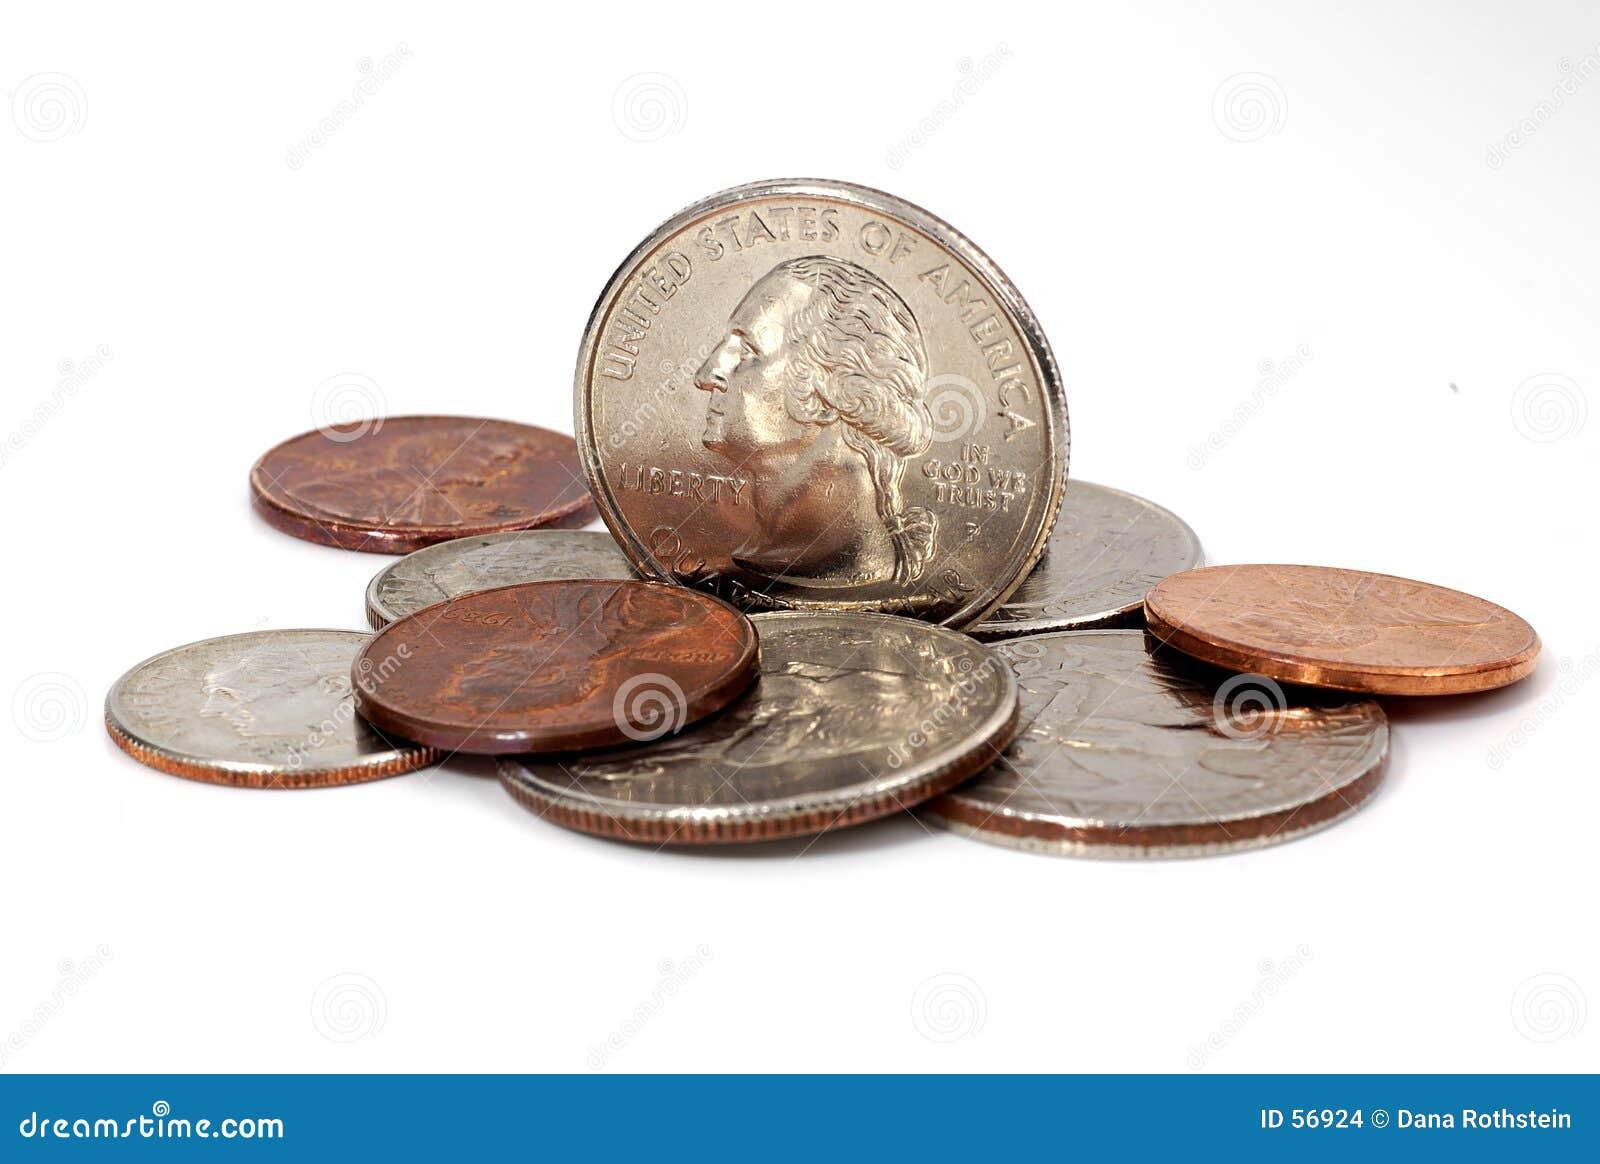 Download Quart sur le bord photo stock. Image du finances, penny - 56924